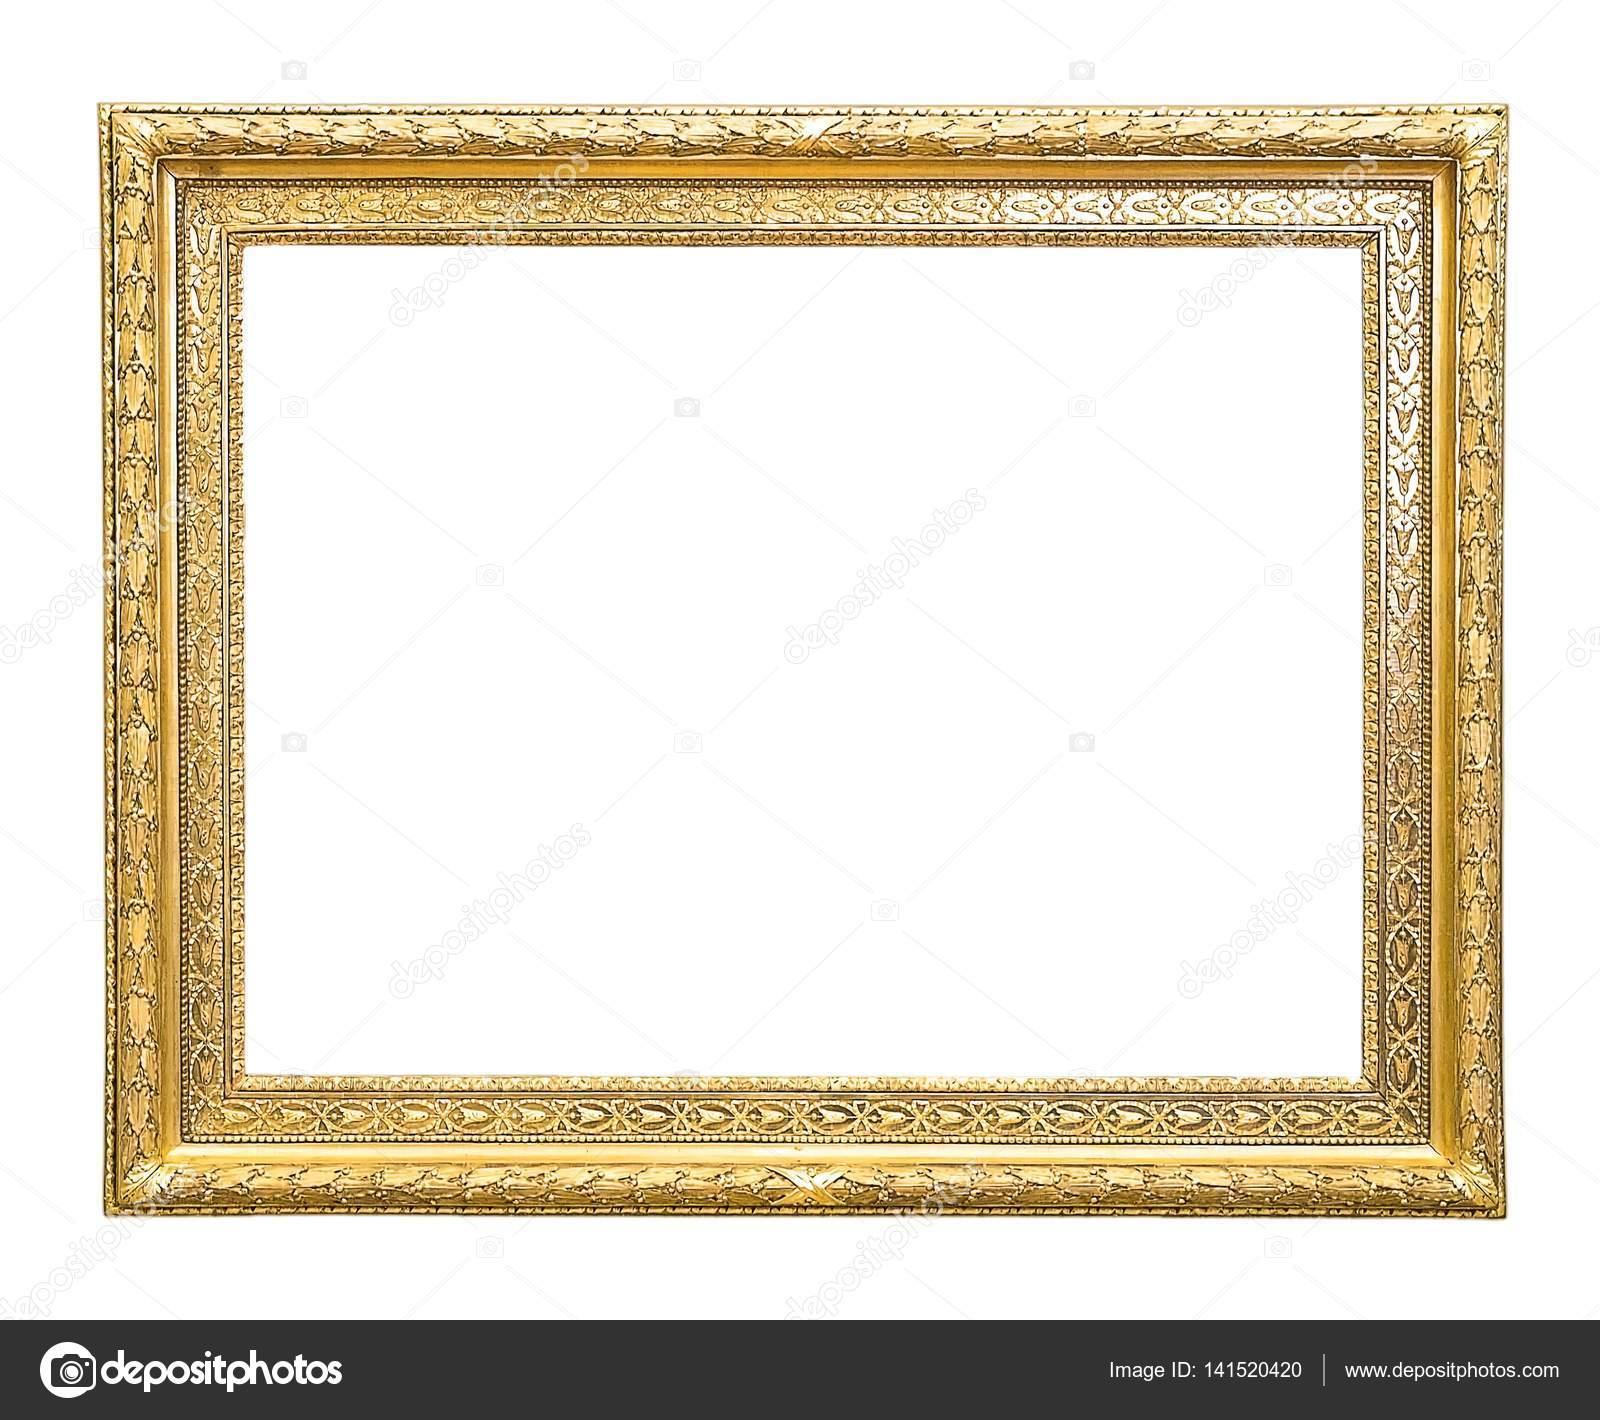 Marcos de madera para pinturas, grabados, dibujos, fotografías y ...